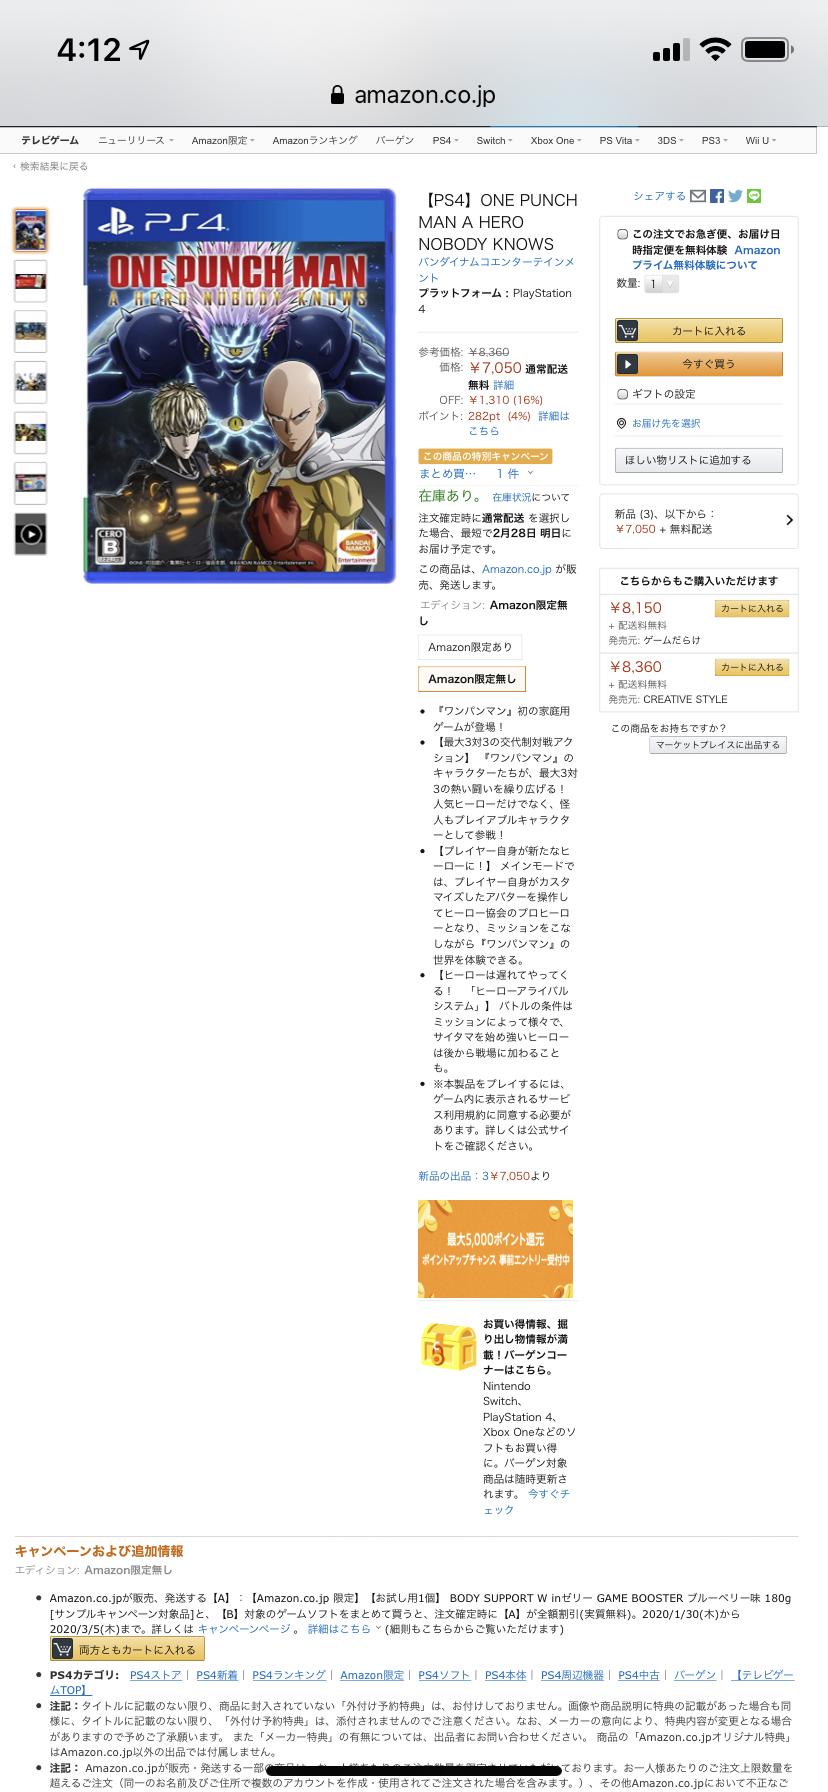 fIKPOVF 1 - 【悲報】PS4「ワンパンマン」、発売日なのにアマラン88位(在庫あり)!!なぜ核爆死したのか?